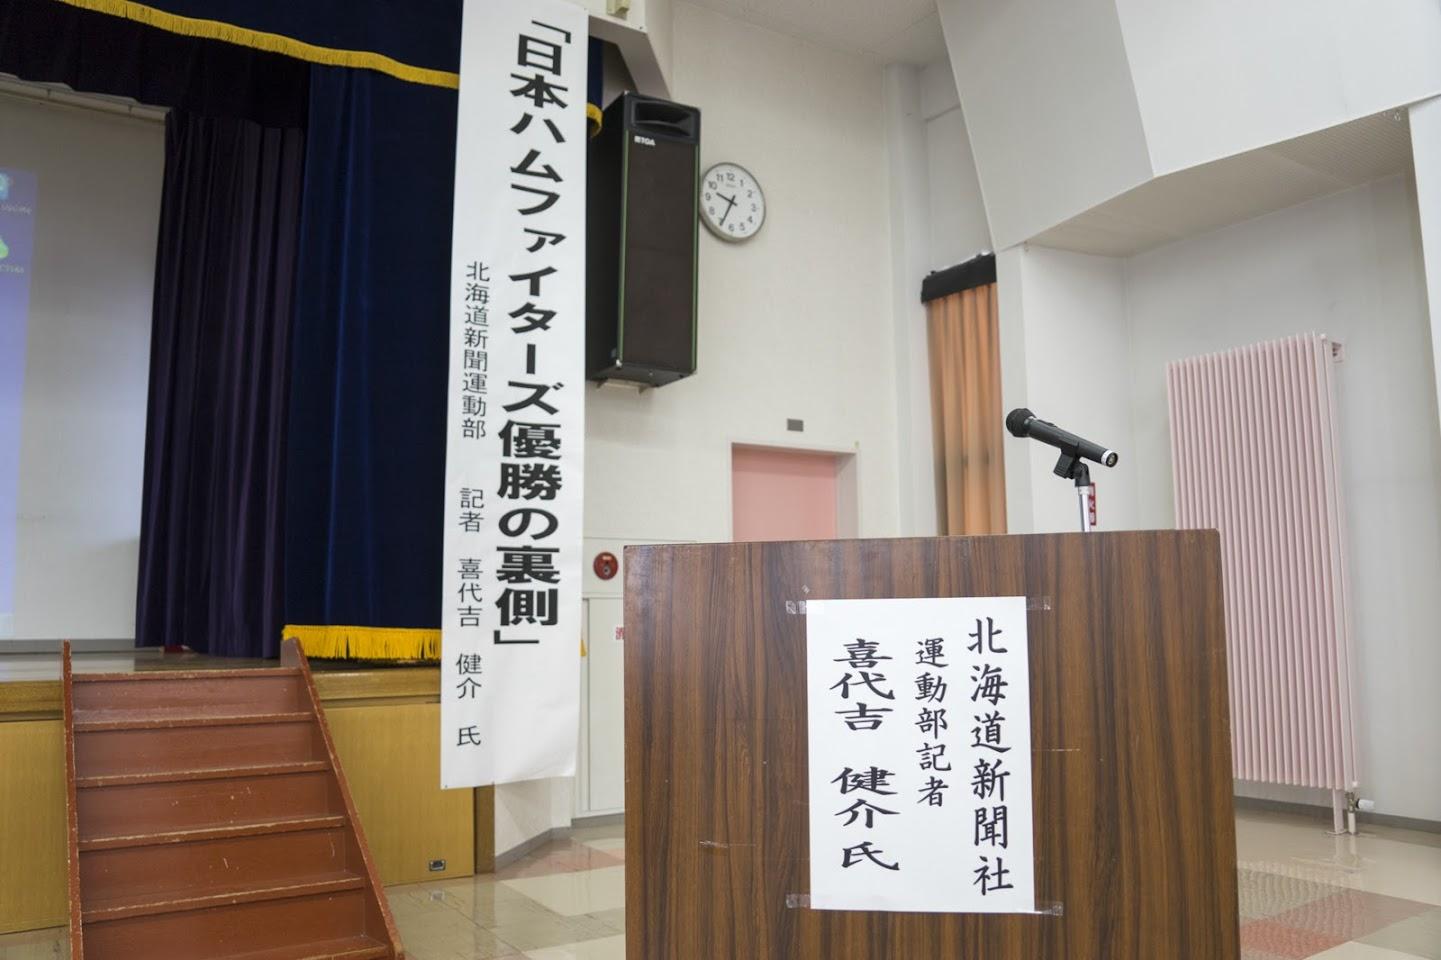 講演「日本ハムファイターズ優勝の裏側」北海道新聞運動部・喜代吉健介 記者